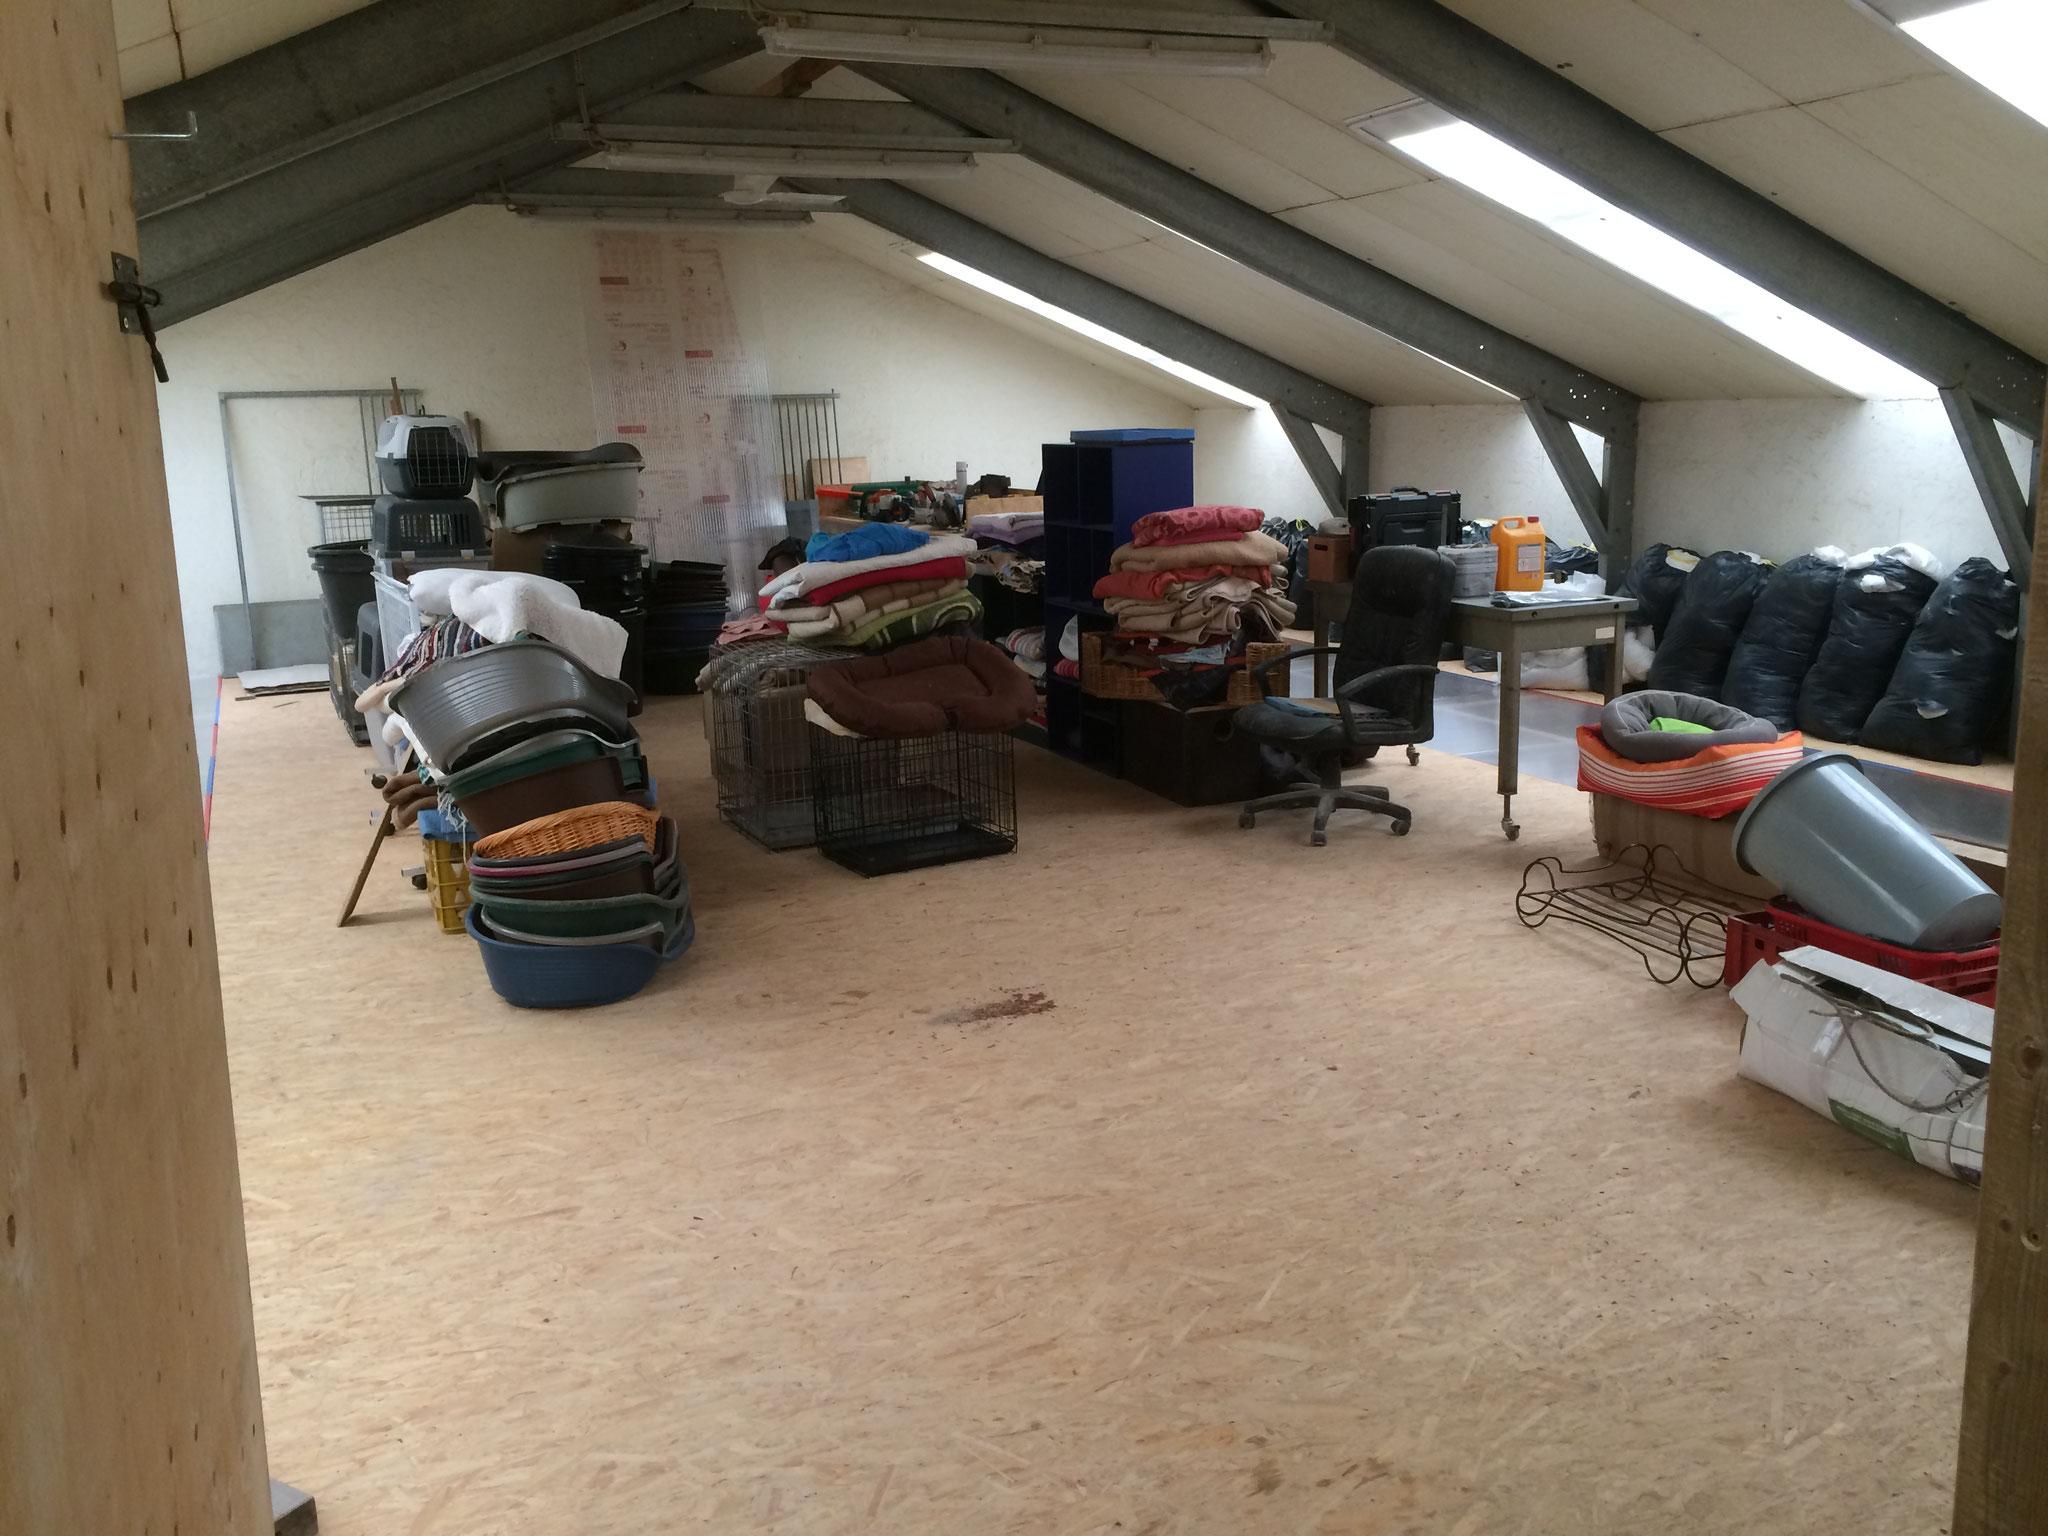 Grosser Lagerraum oberhalb der Zwinger in der Halle. Hier haben wir die Möglichkeiten Körbe, Decken, Transportboxen,... unterzubringen.